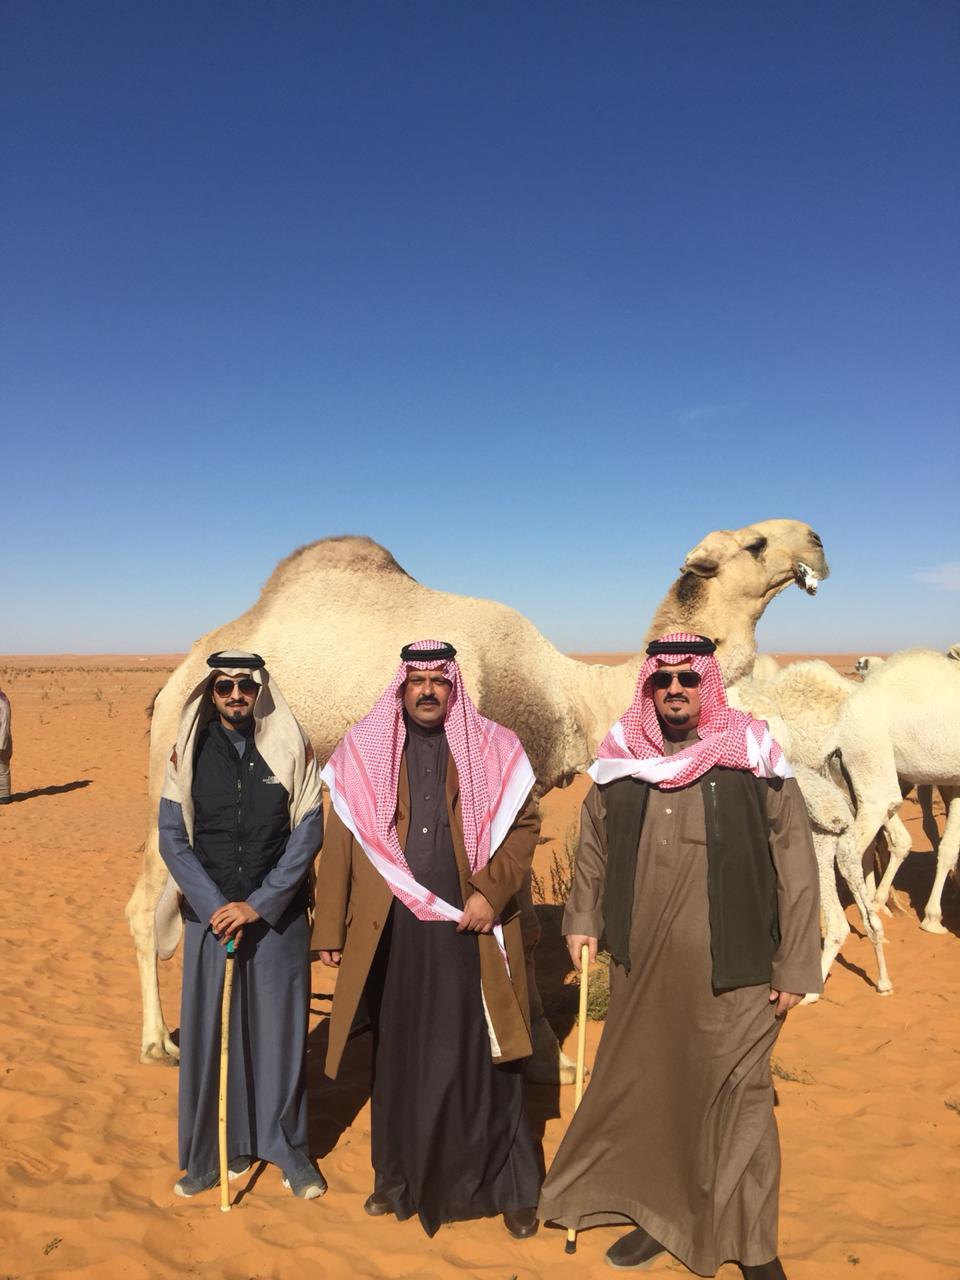 امير منطقة حائل ومساعده في ضيافة الامير محمد بن فهد ال سعود صحيفة صدى الالكترونية